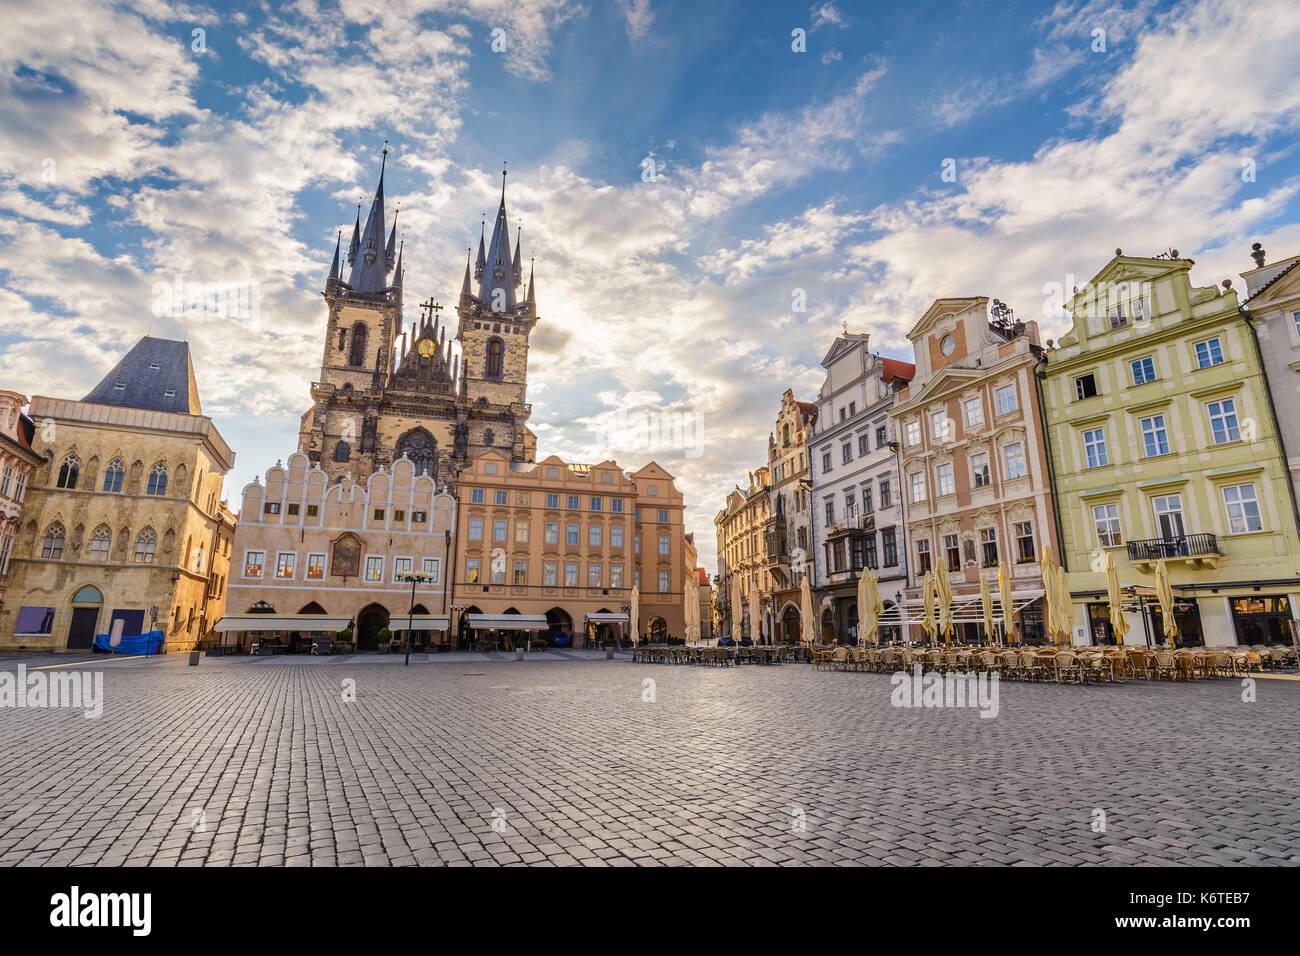 Amanecer el horizonte de la ciudad de Praga, en la plaza de la ciudad vieja de Praga, Praga, República Checa Foto de stock